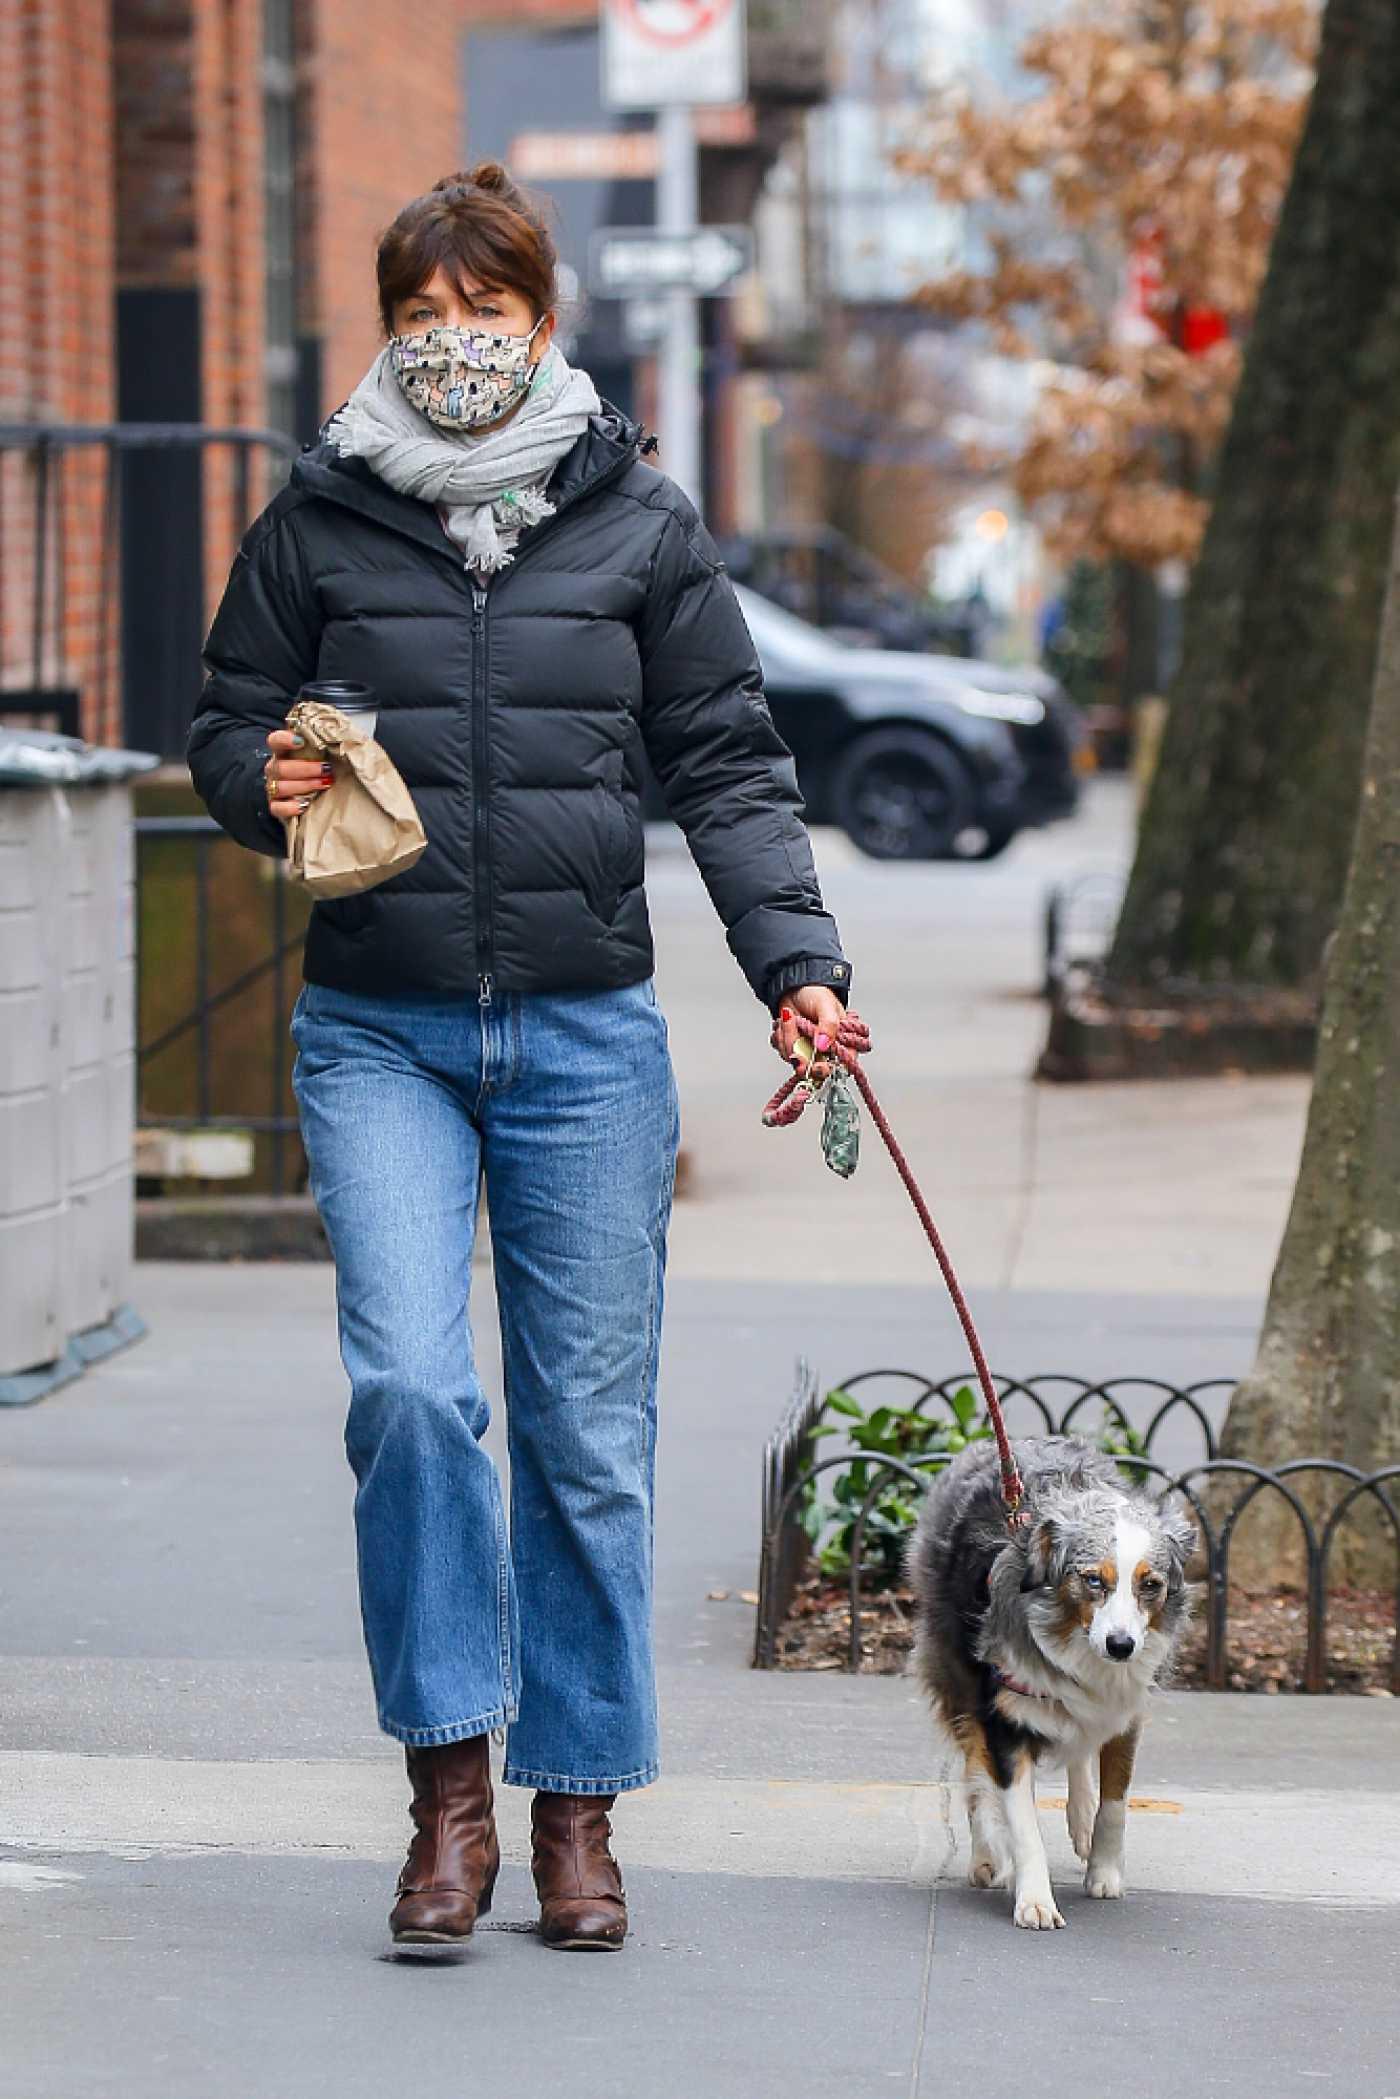 Helena Christensen in a Black Jacket Walks Her Dog in New York 01/11/2021